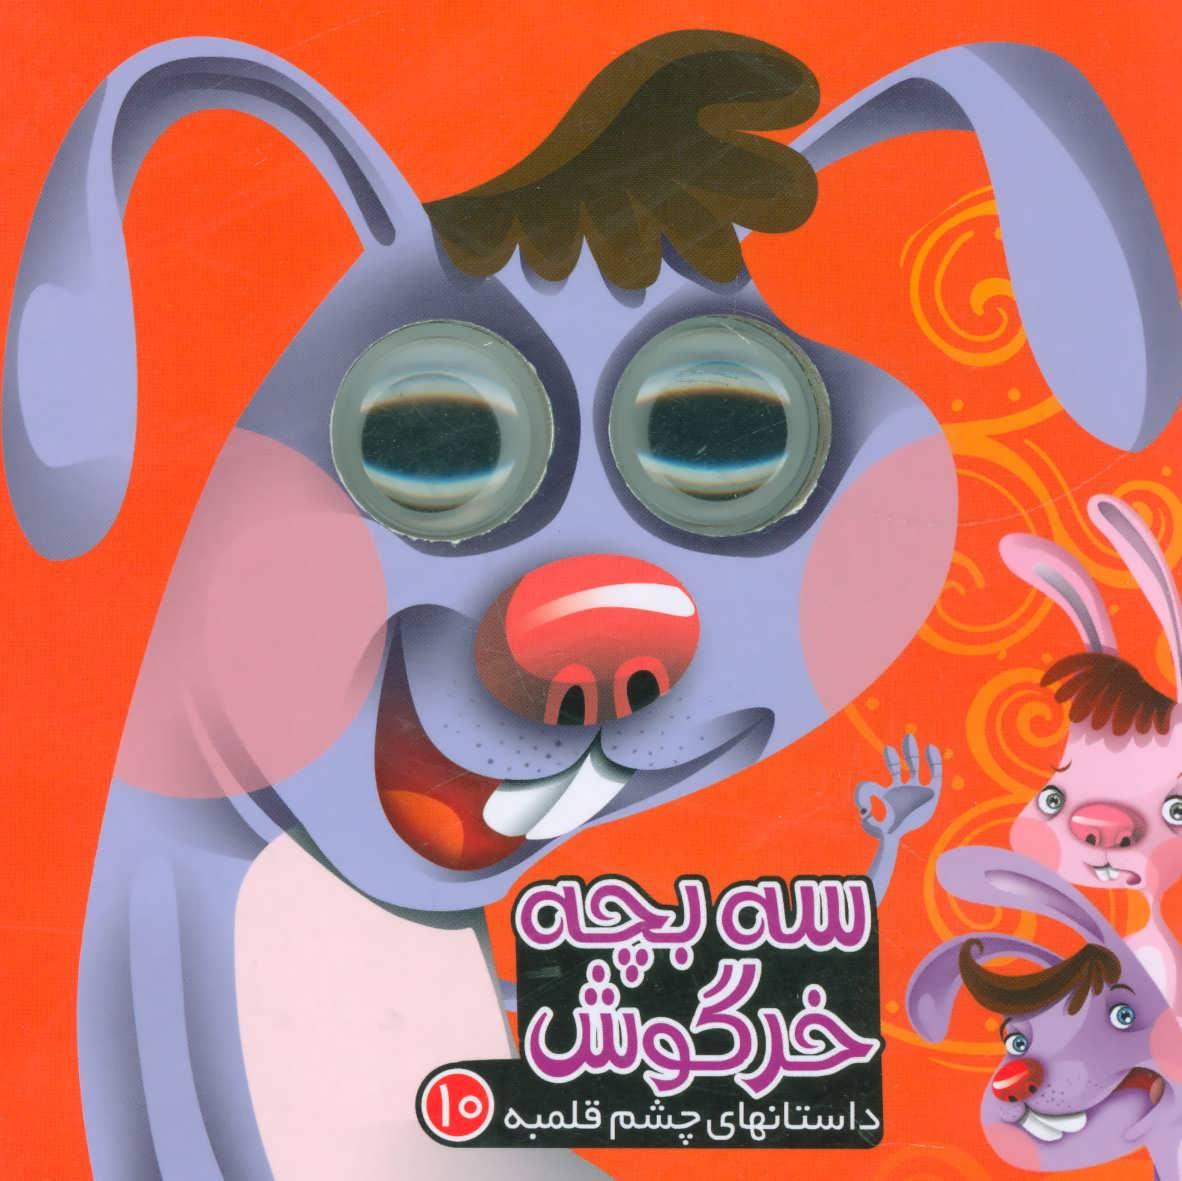 داستانهای چشم قلمبه10 (3 بچه خرگوش)،(گلاسه)